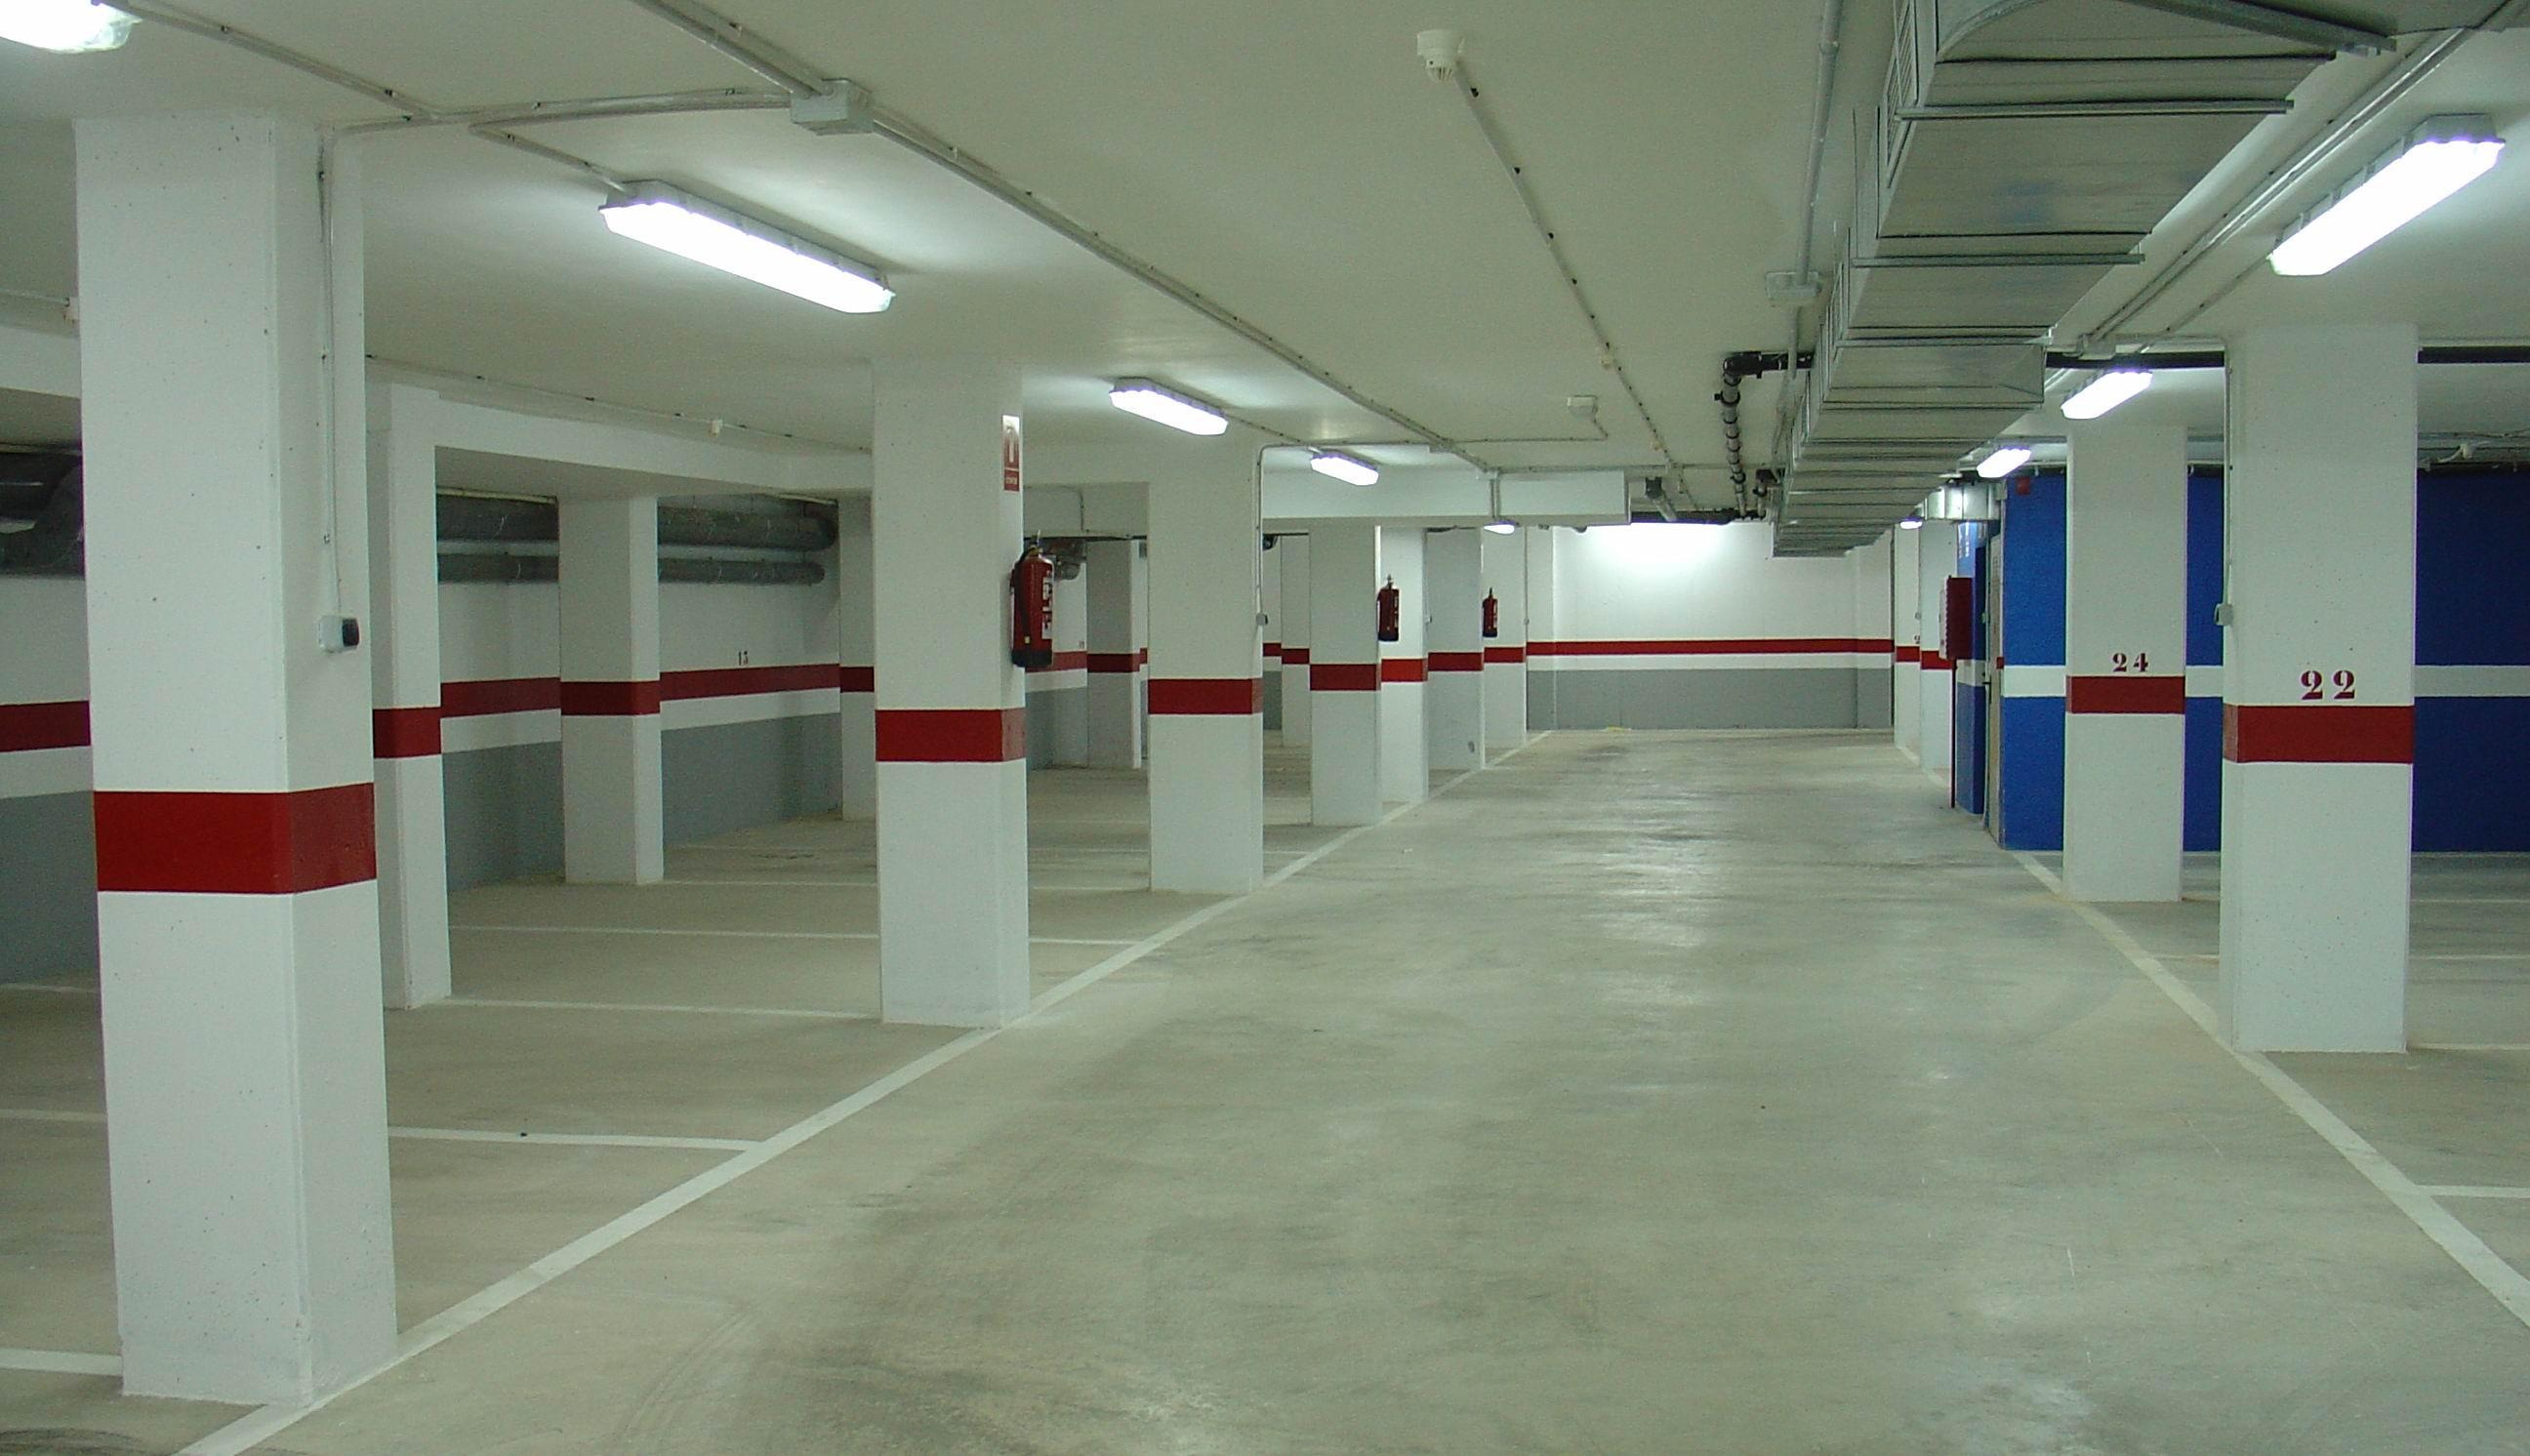 Estacionamiento de mas de un vehiculo por plaza de aparcamiento